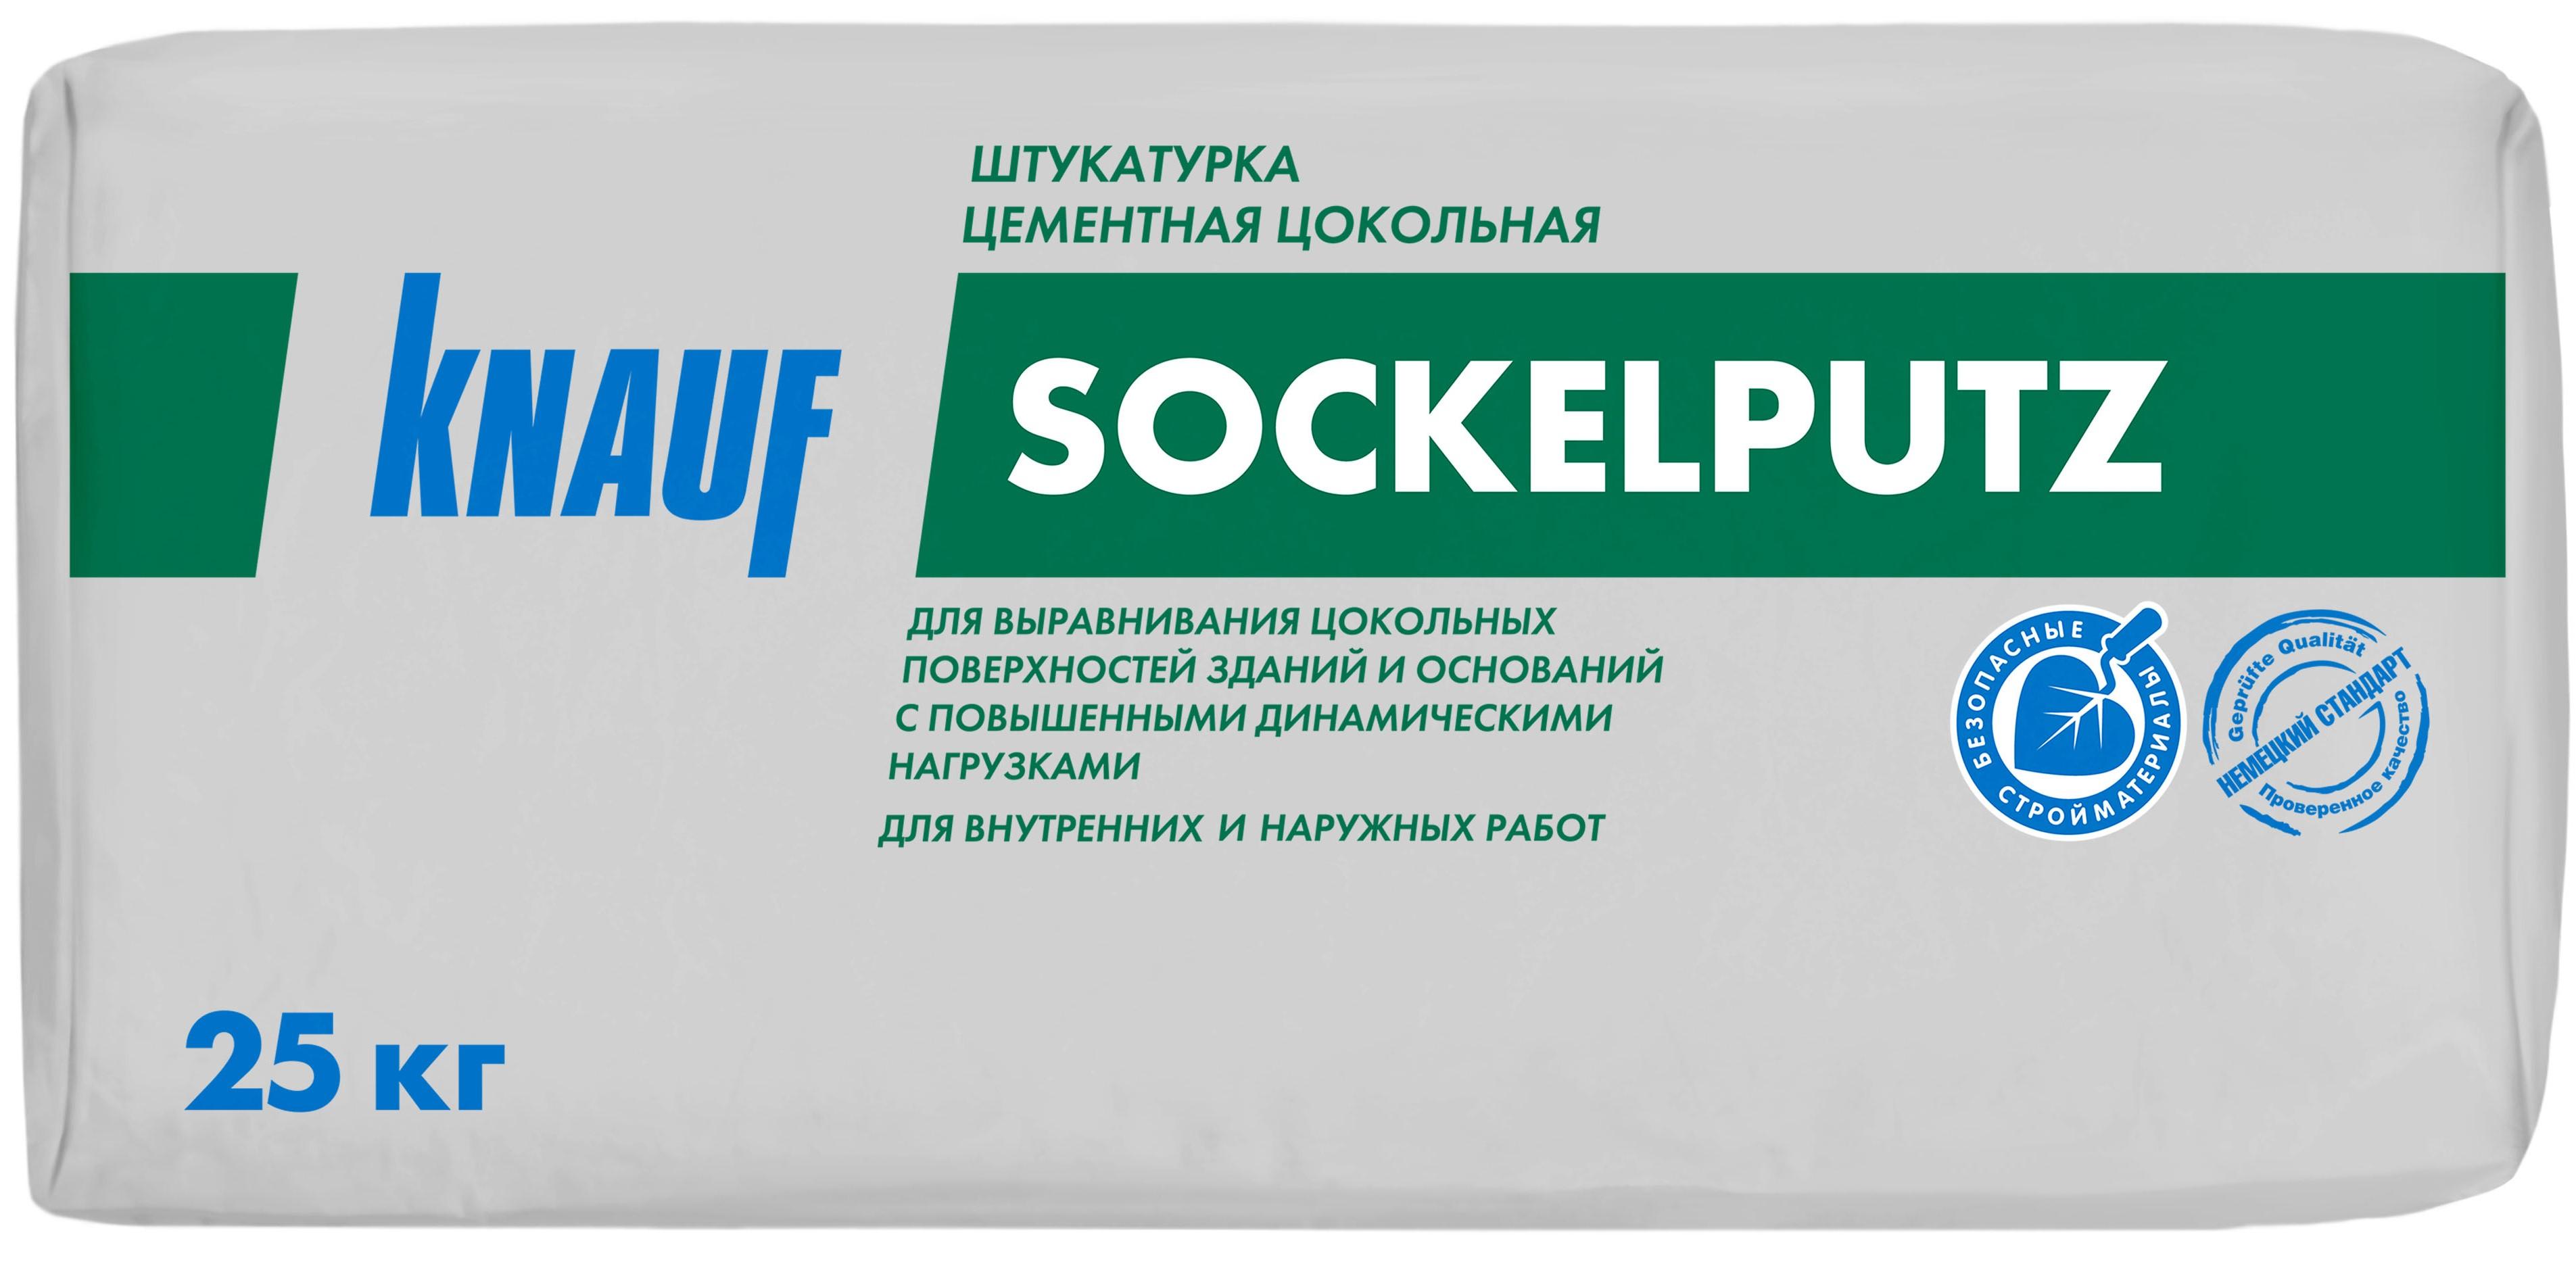 Купить Штукатурка цементная цокольная для машинного нанесения Knauf Зокельпутц (серая), 25 кг — Фото №1